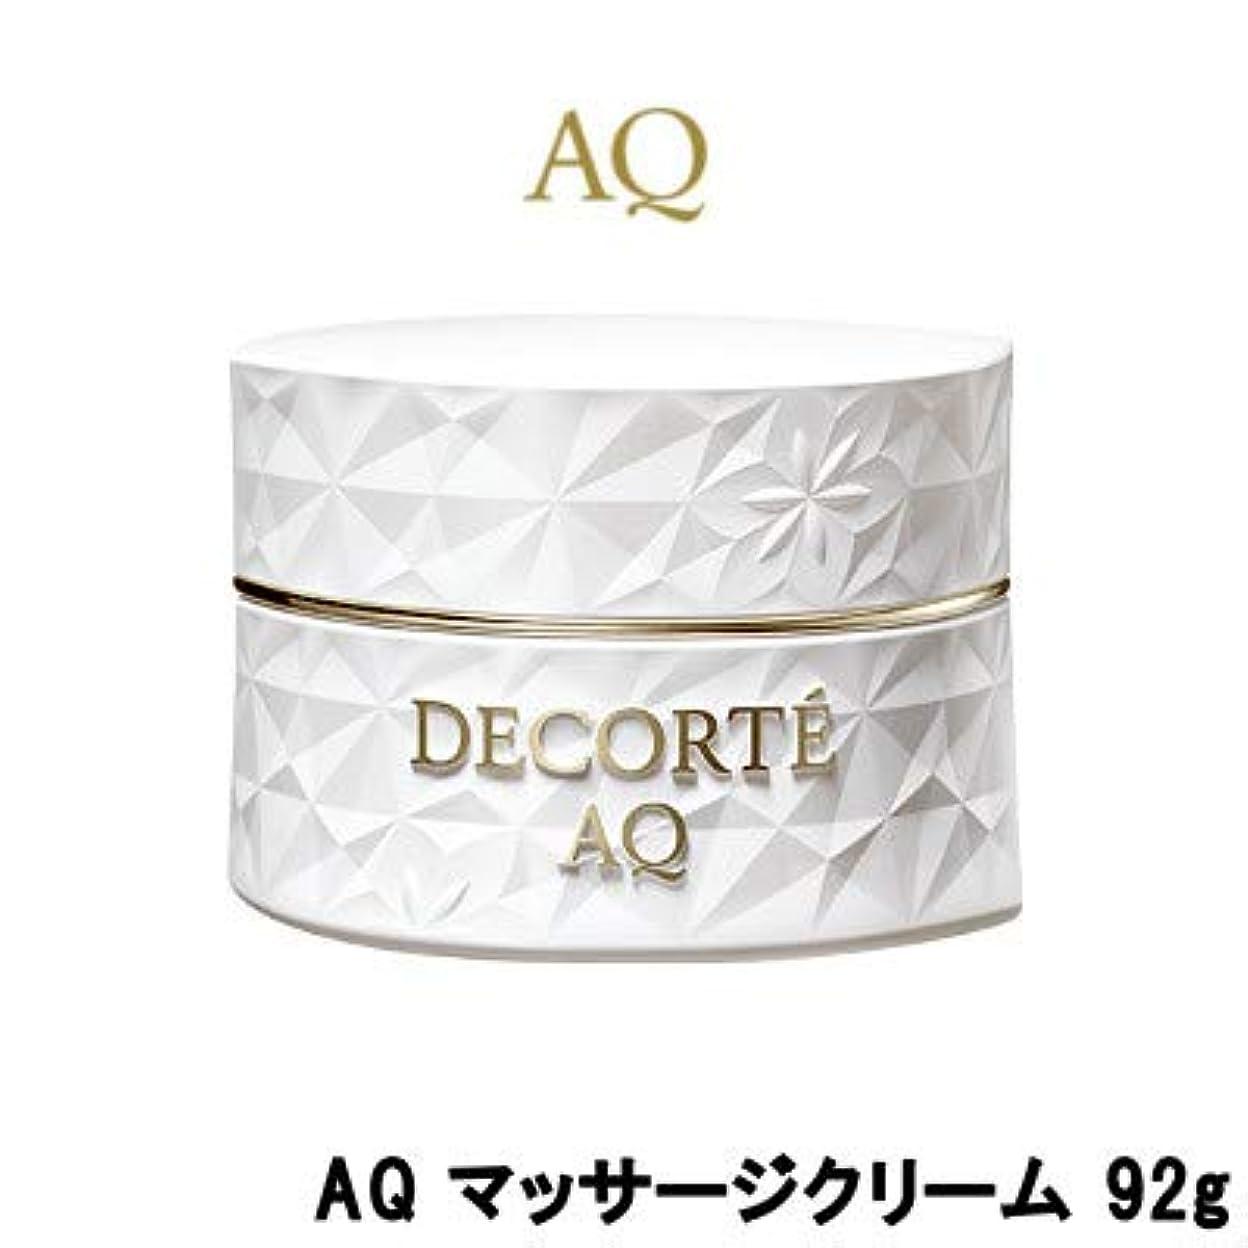 しっかりオリエント場合コスメデコルテ AQ マッサージクリーム(92g)